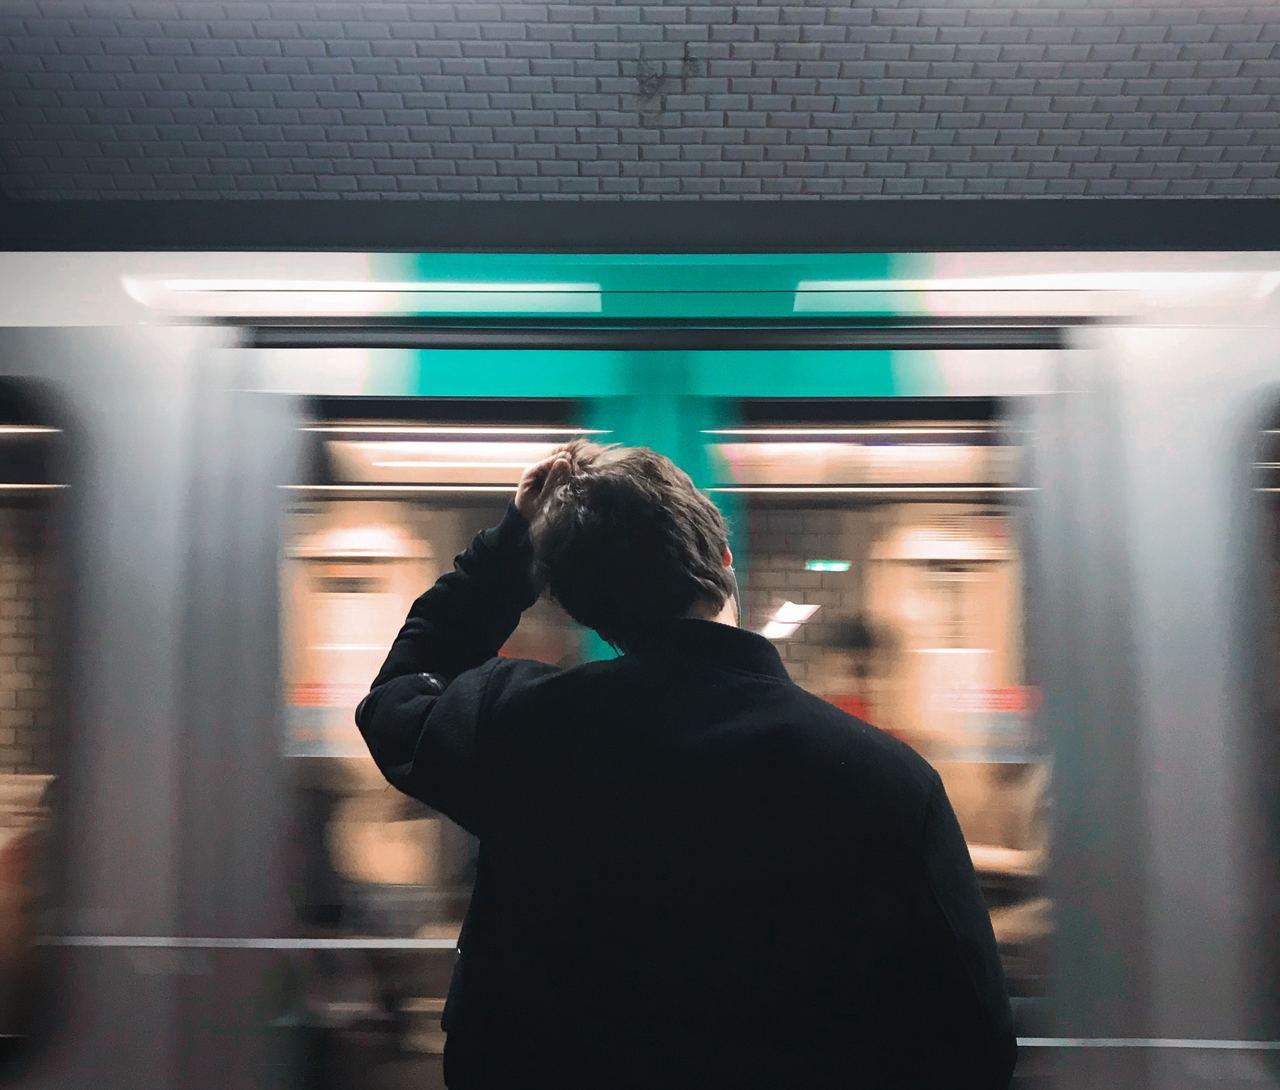 Die Bahn verpasst? Bloß nicht aufregen - negatives Denken kann dir und anderen schaden.